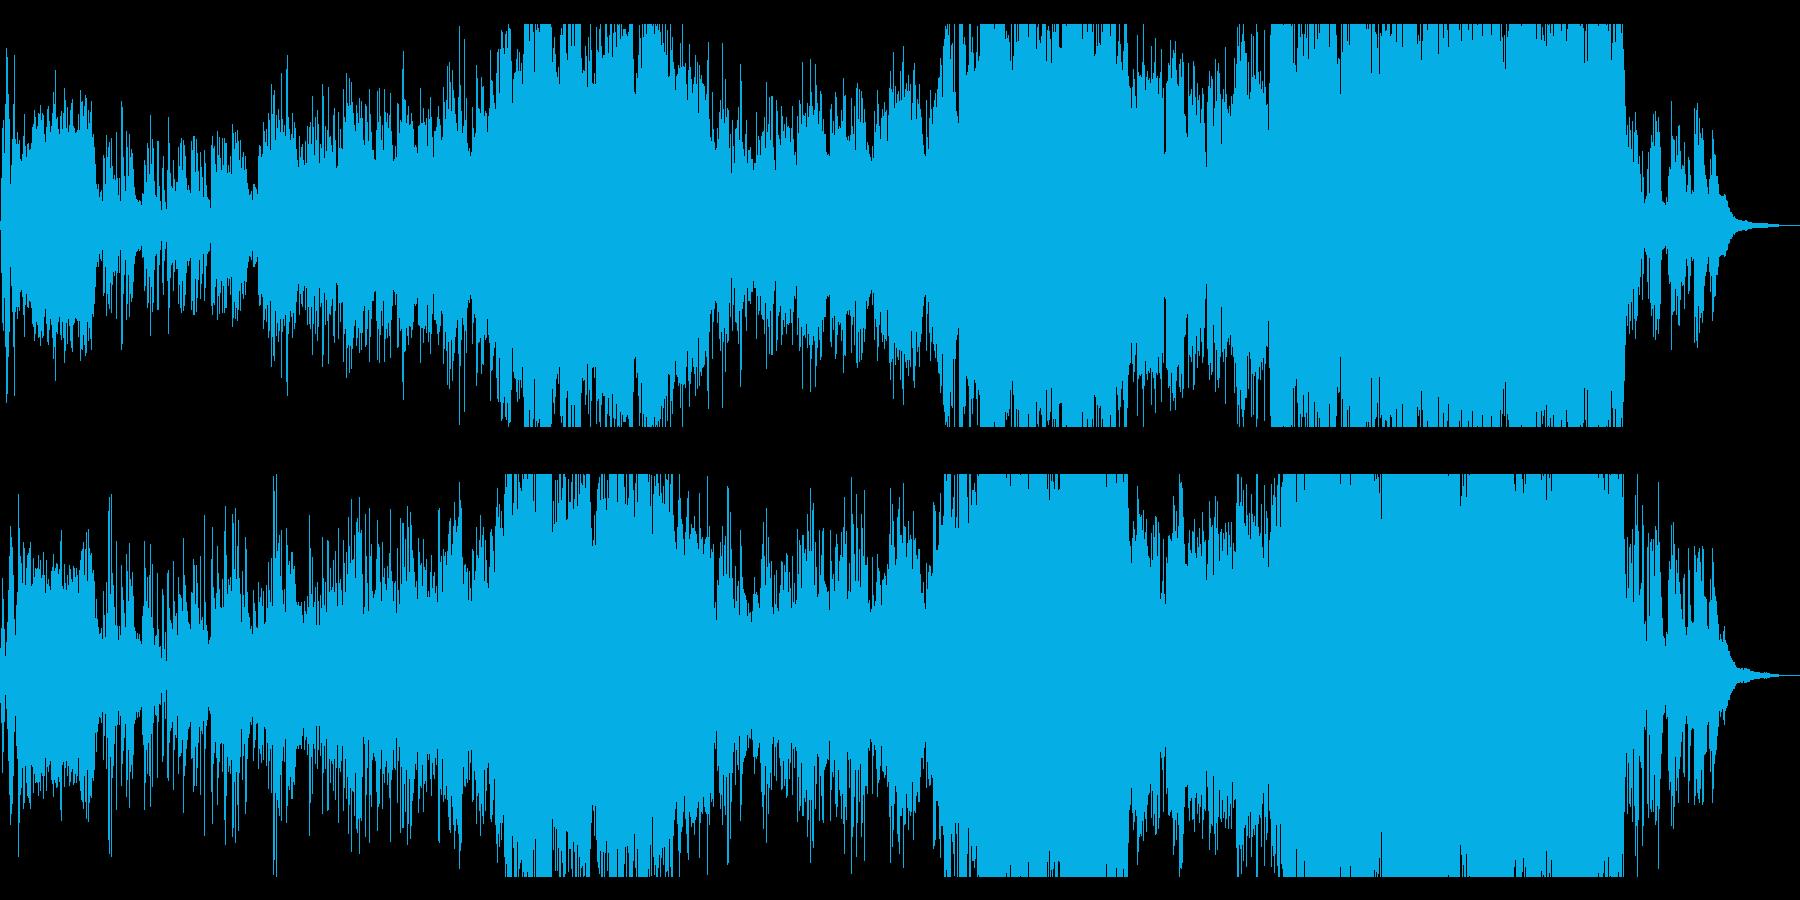 ピアノが印象的なウエディング向きバラードの再生済みの波形